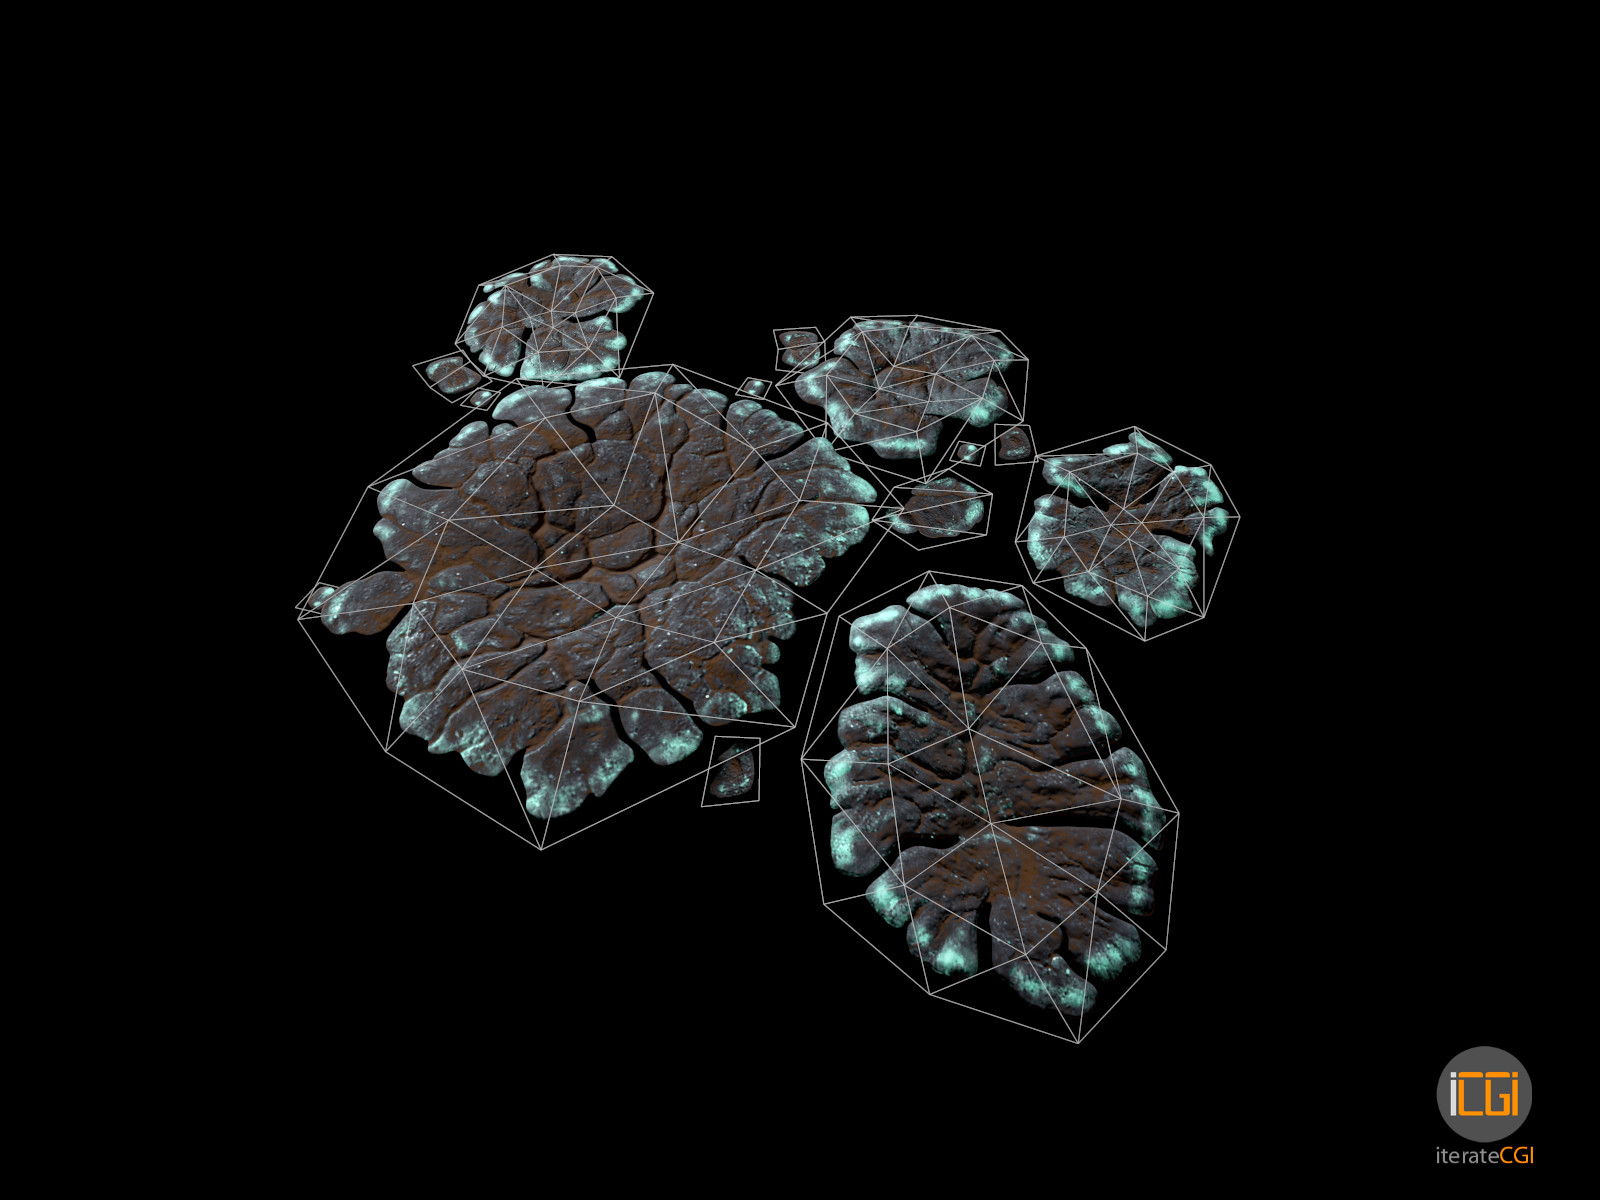 Johan de leenheer alien plant lichen type1 15